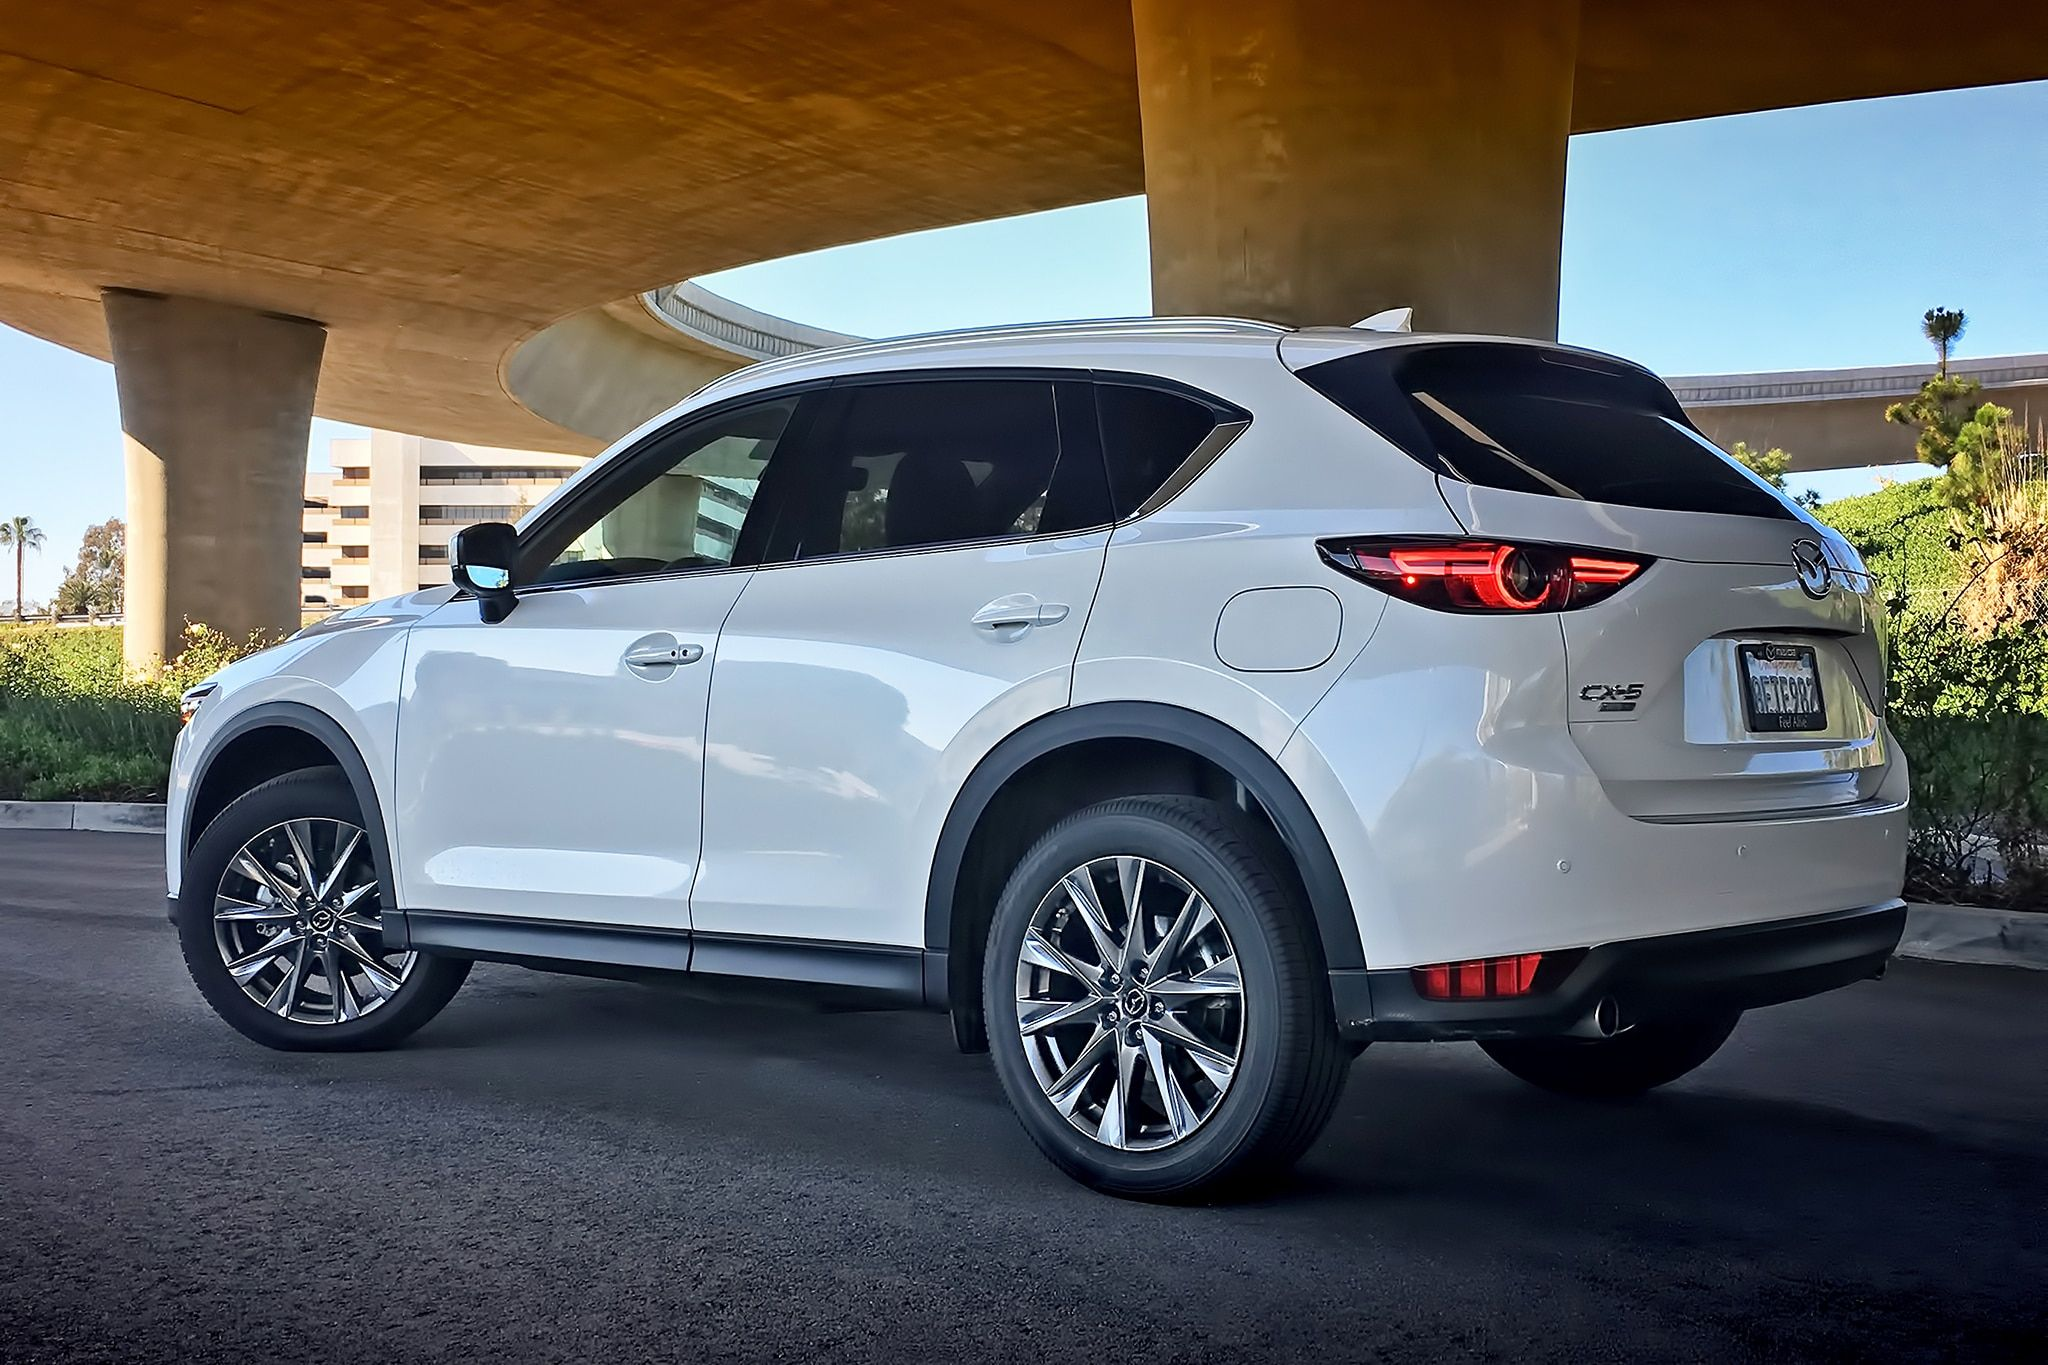 2019 Mazda Cx 5 Turbo Awd Review Even Better Under Pressure Automobile Magazine Mazda Mazda Cx5 Awd